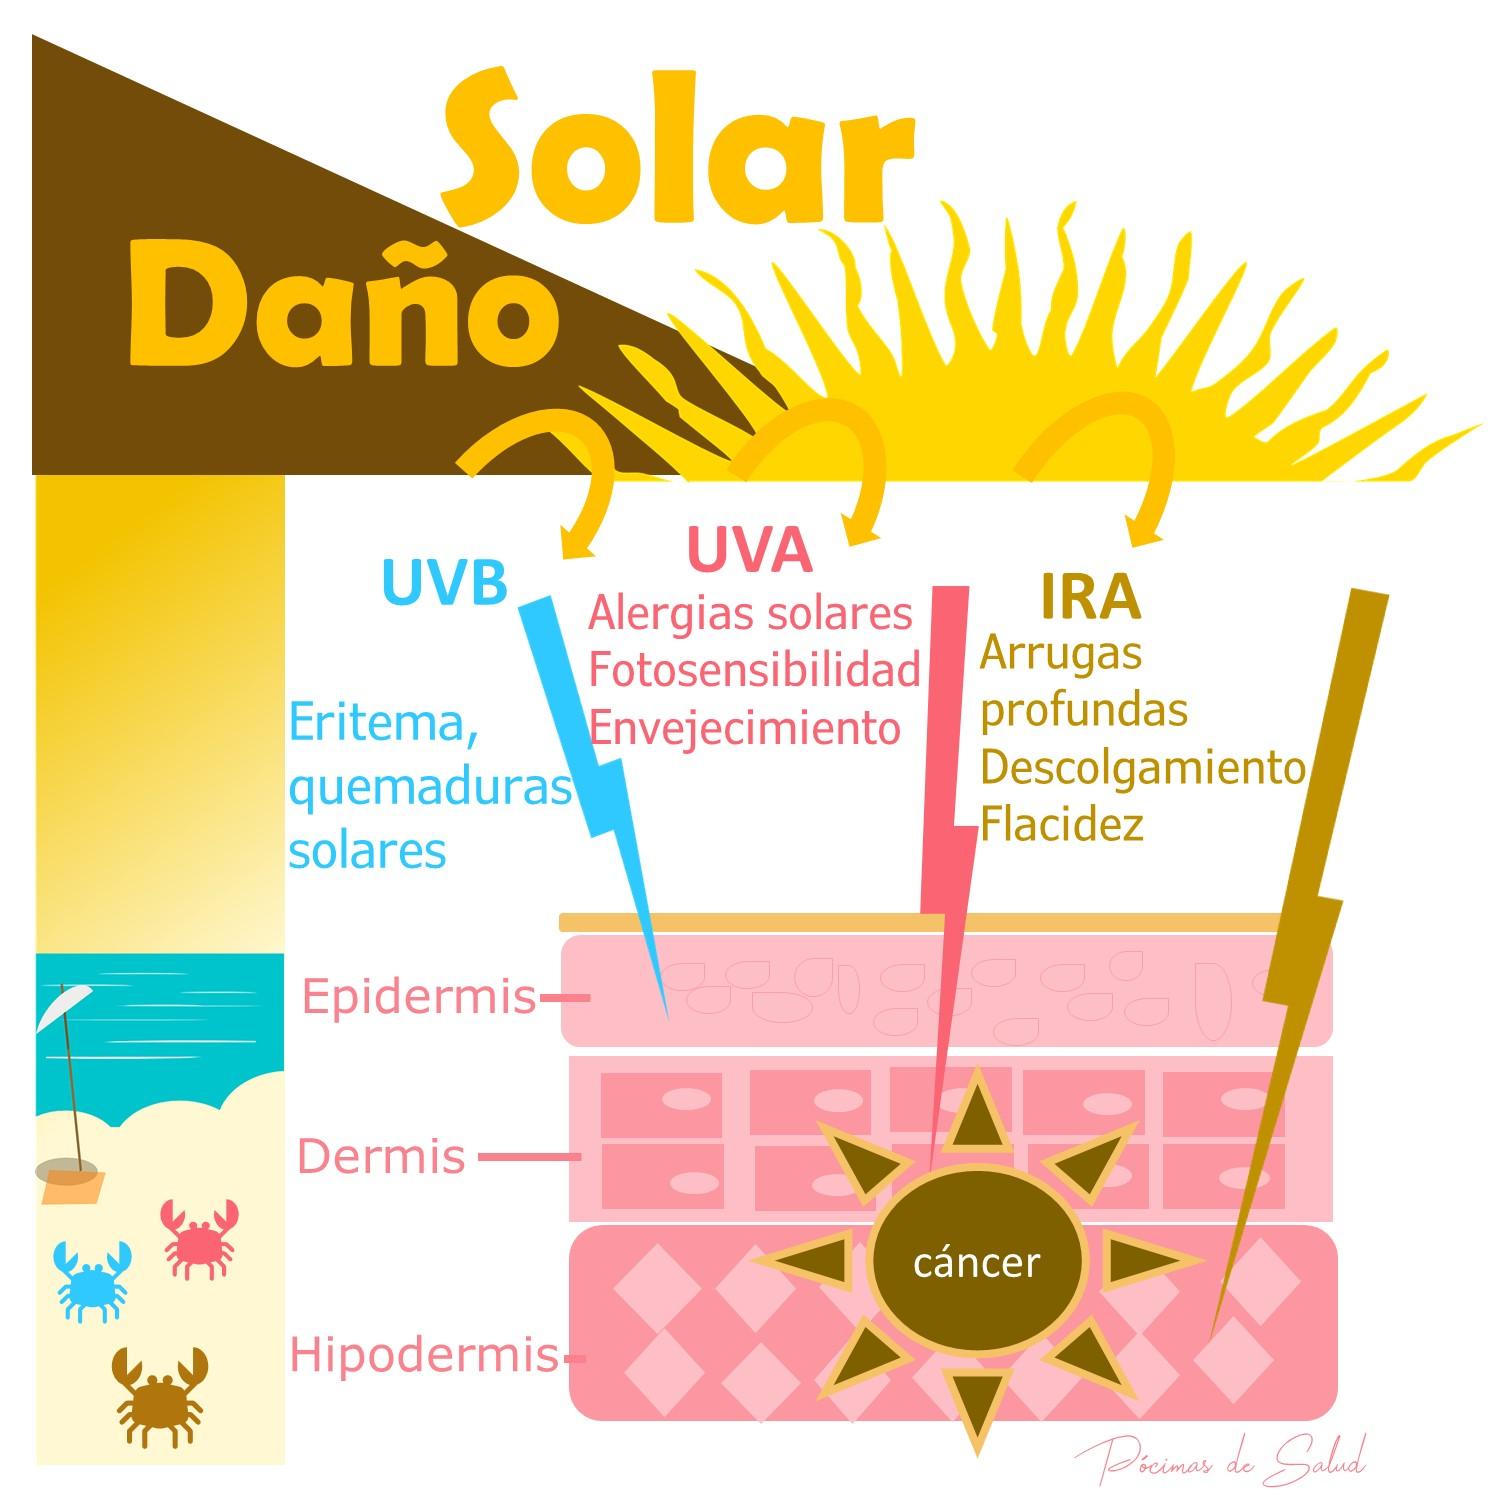 Daño solar